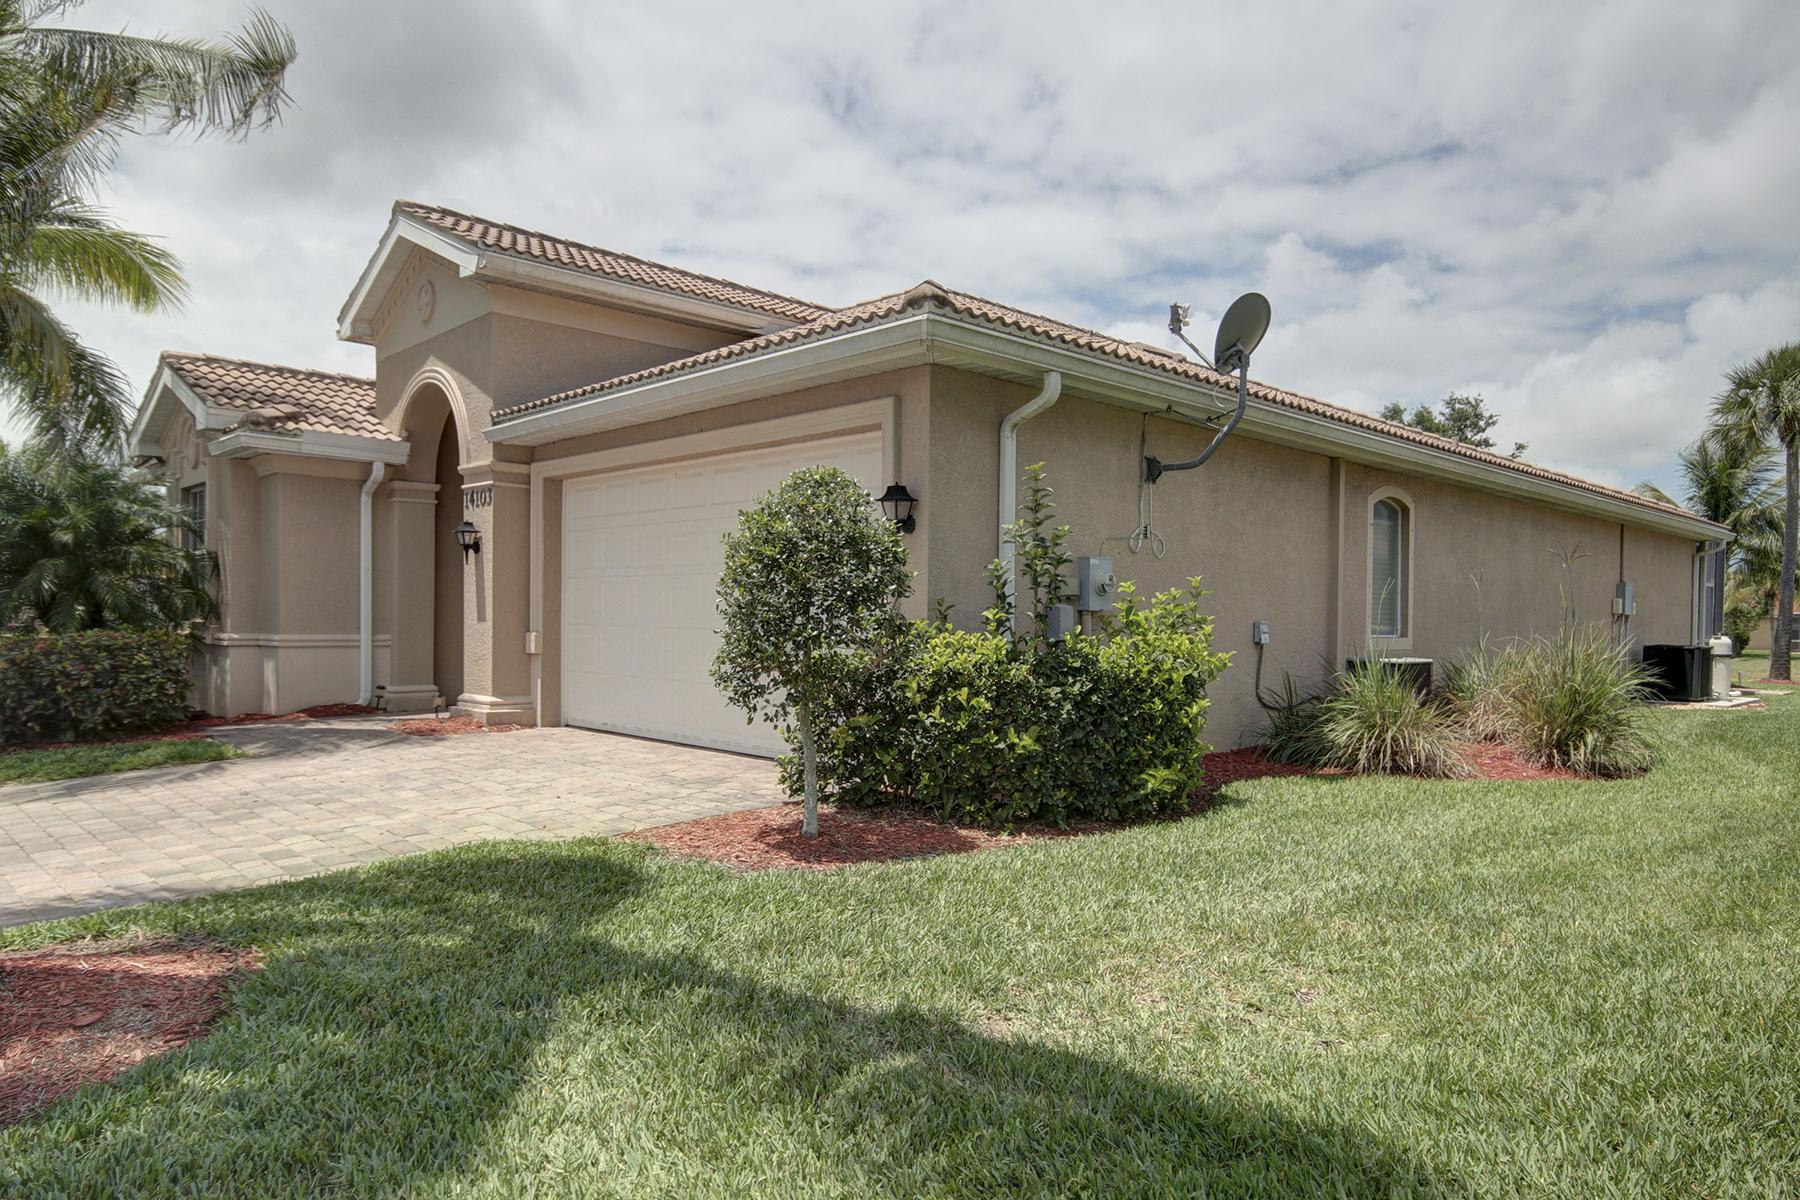 獨棟家庭住宅 為 出售 在 REFLECTION LAKES 14103 Mirror Ct Naples, 佛羅里達州 34114 美國